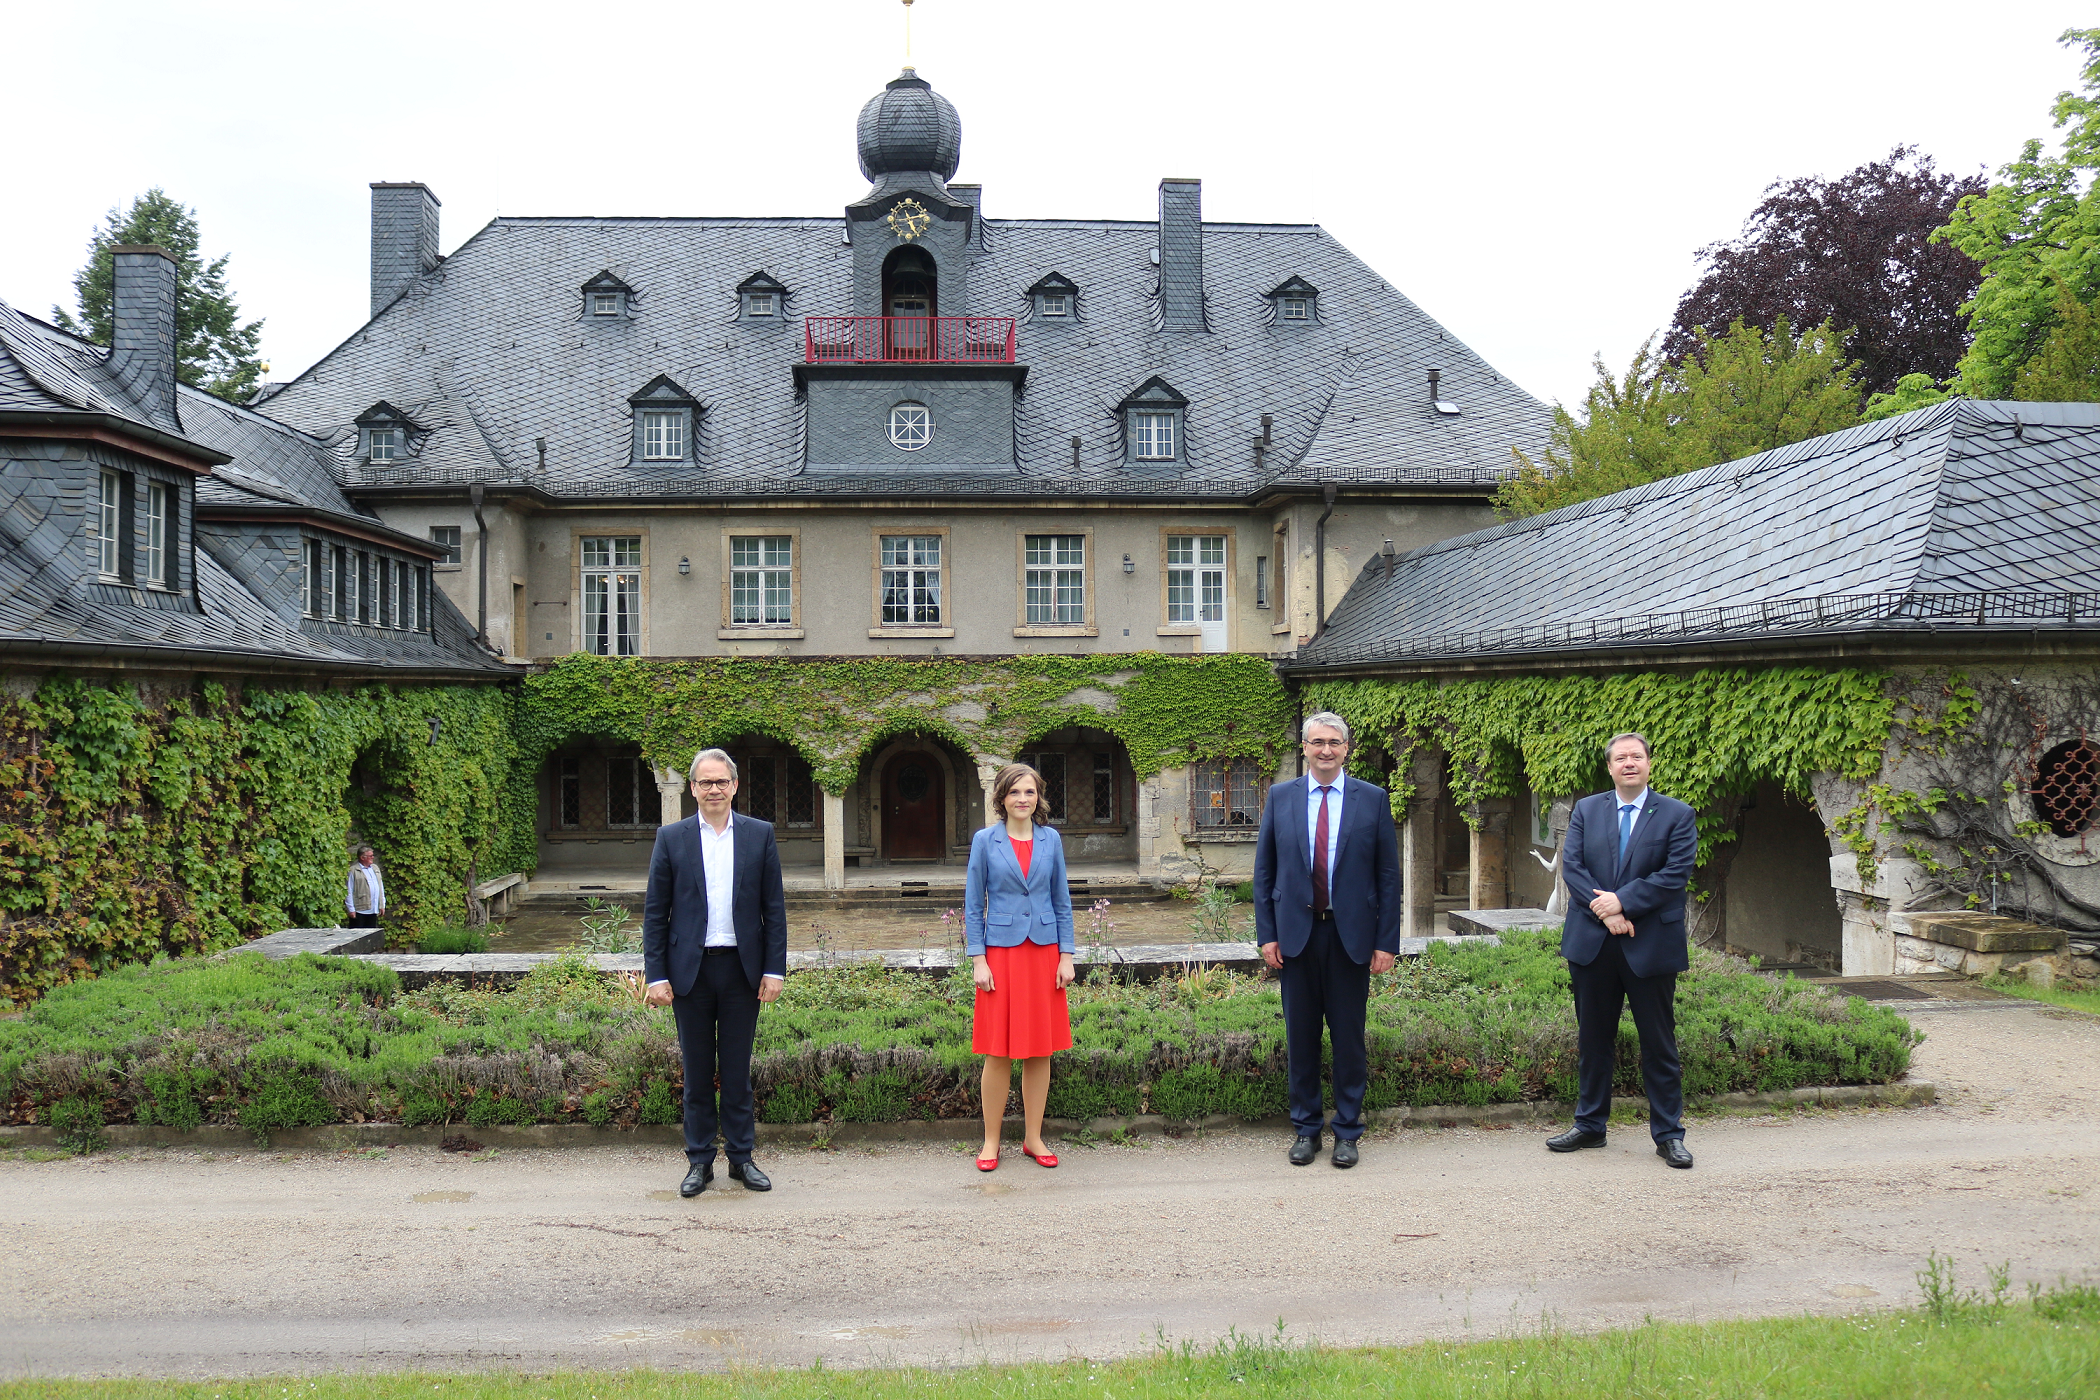 Georg Maier, Elisabeth Kaiser, Marko Wolfram und Steffen Kania vor der Villa Bergfried